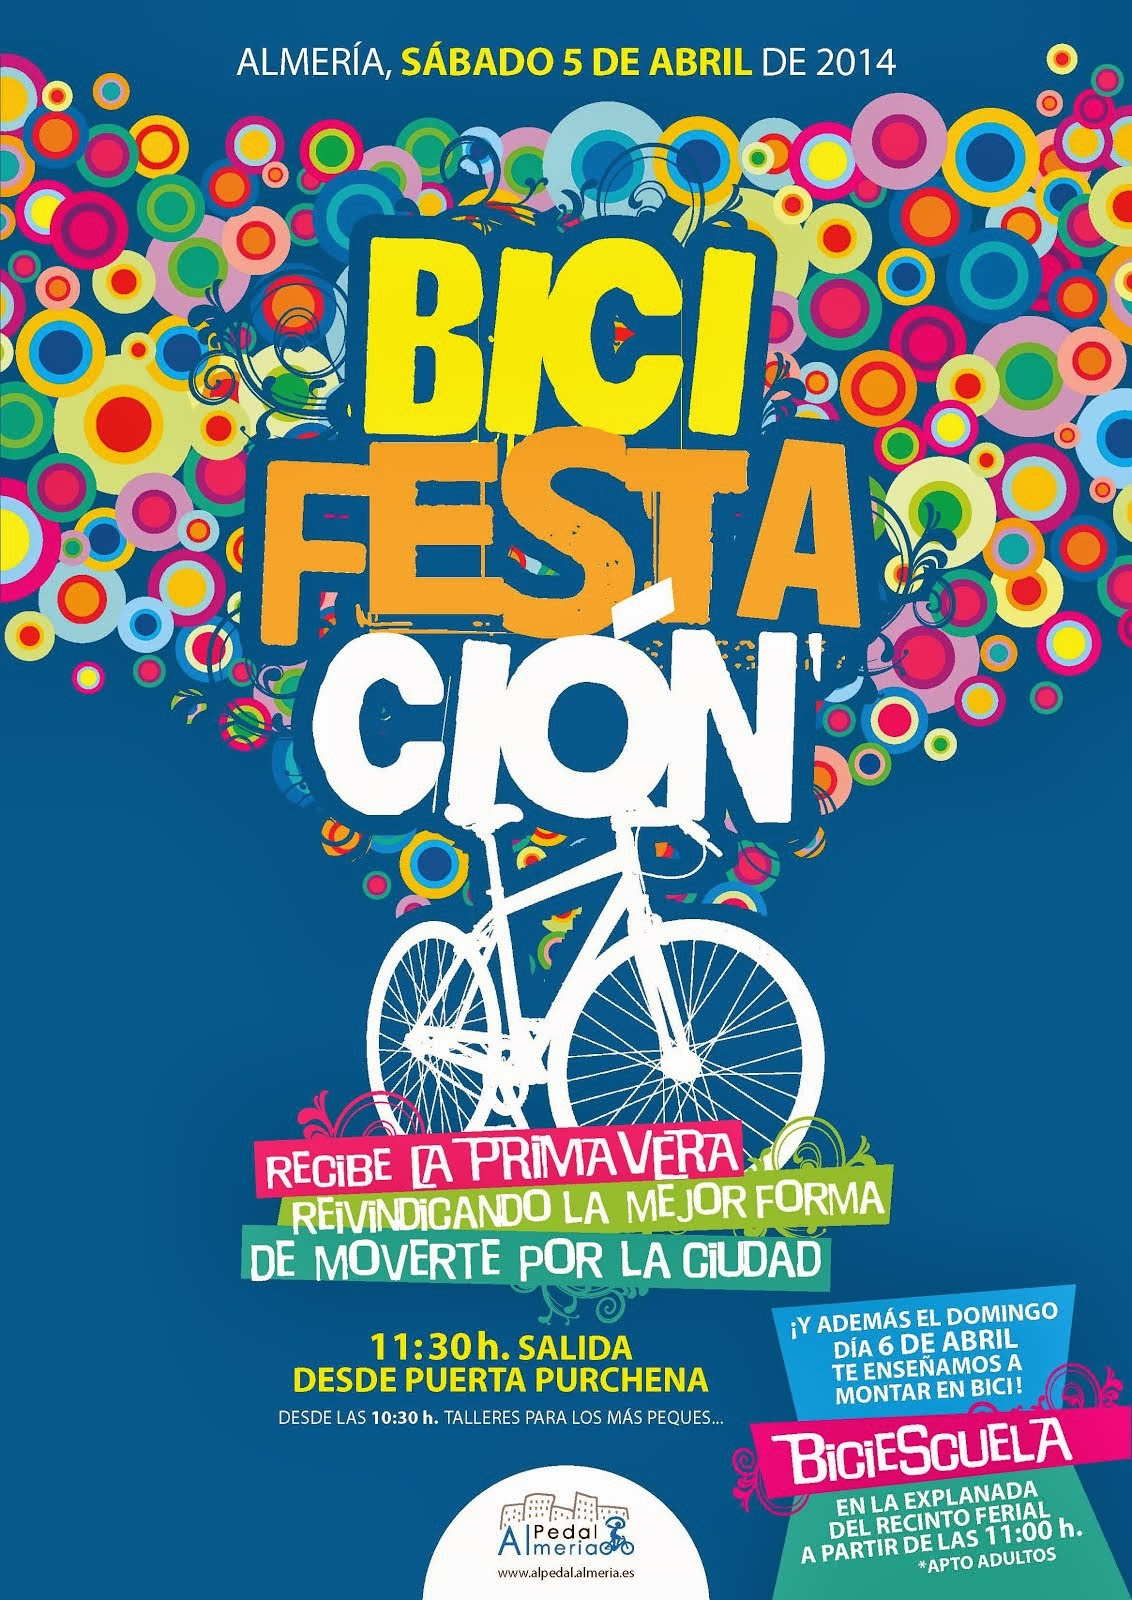 BiciFestación y BiciEscuela 2014